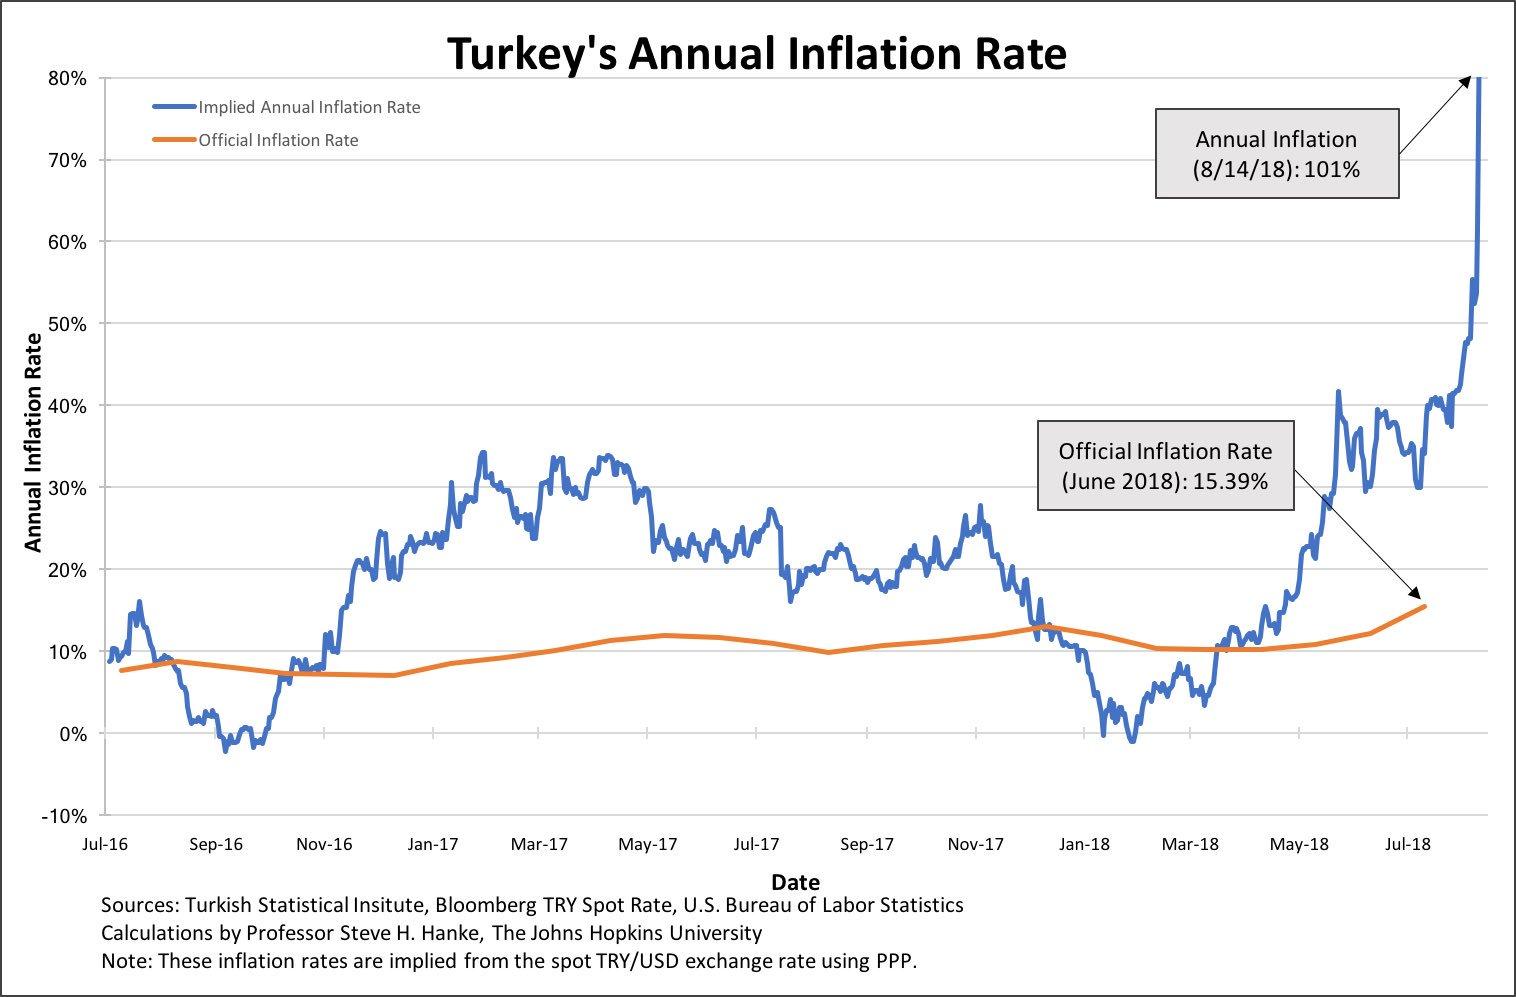 En Turquie, le taux d'inflation annuel s